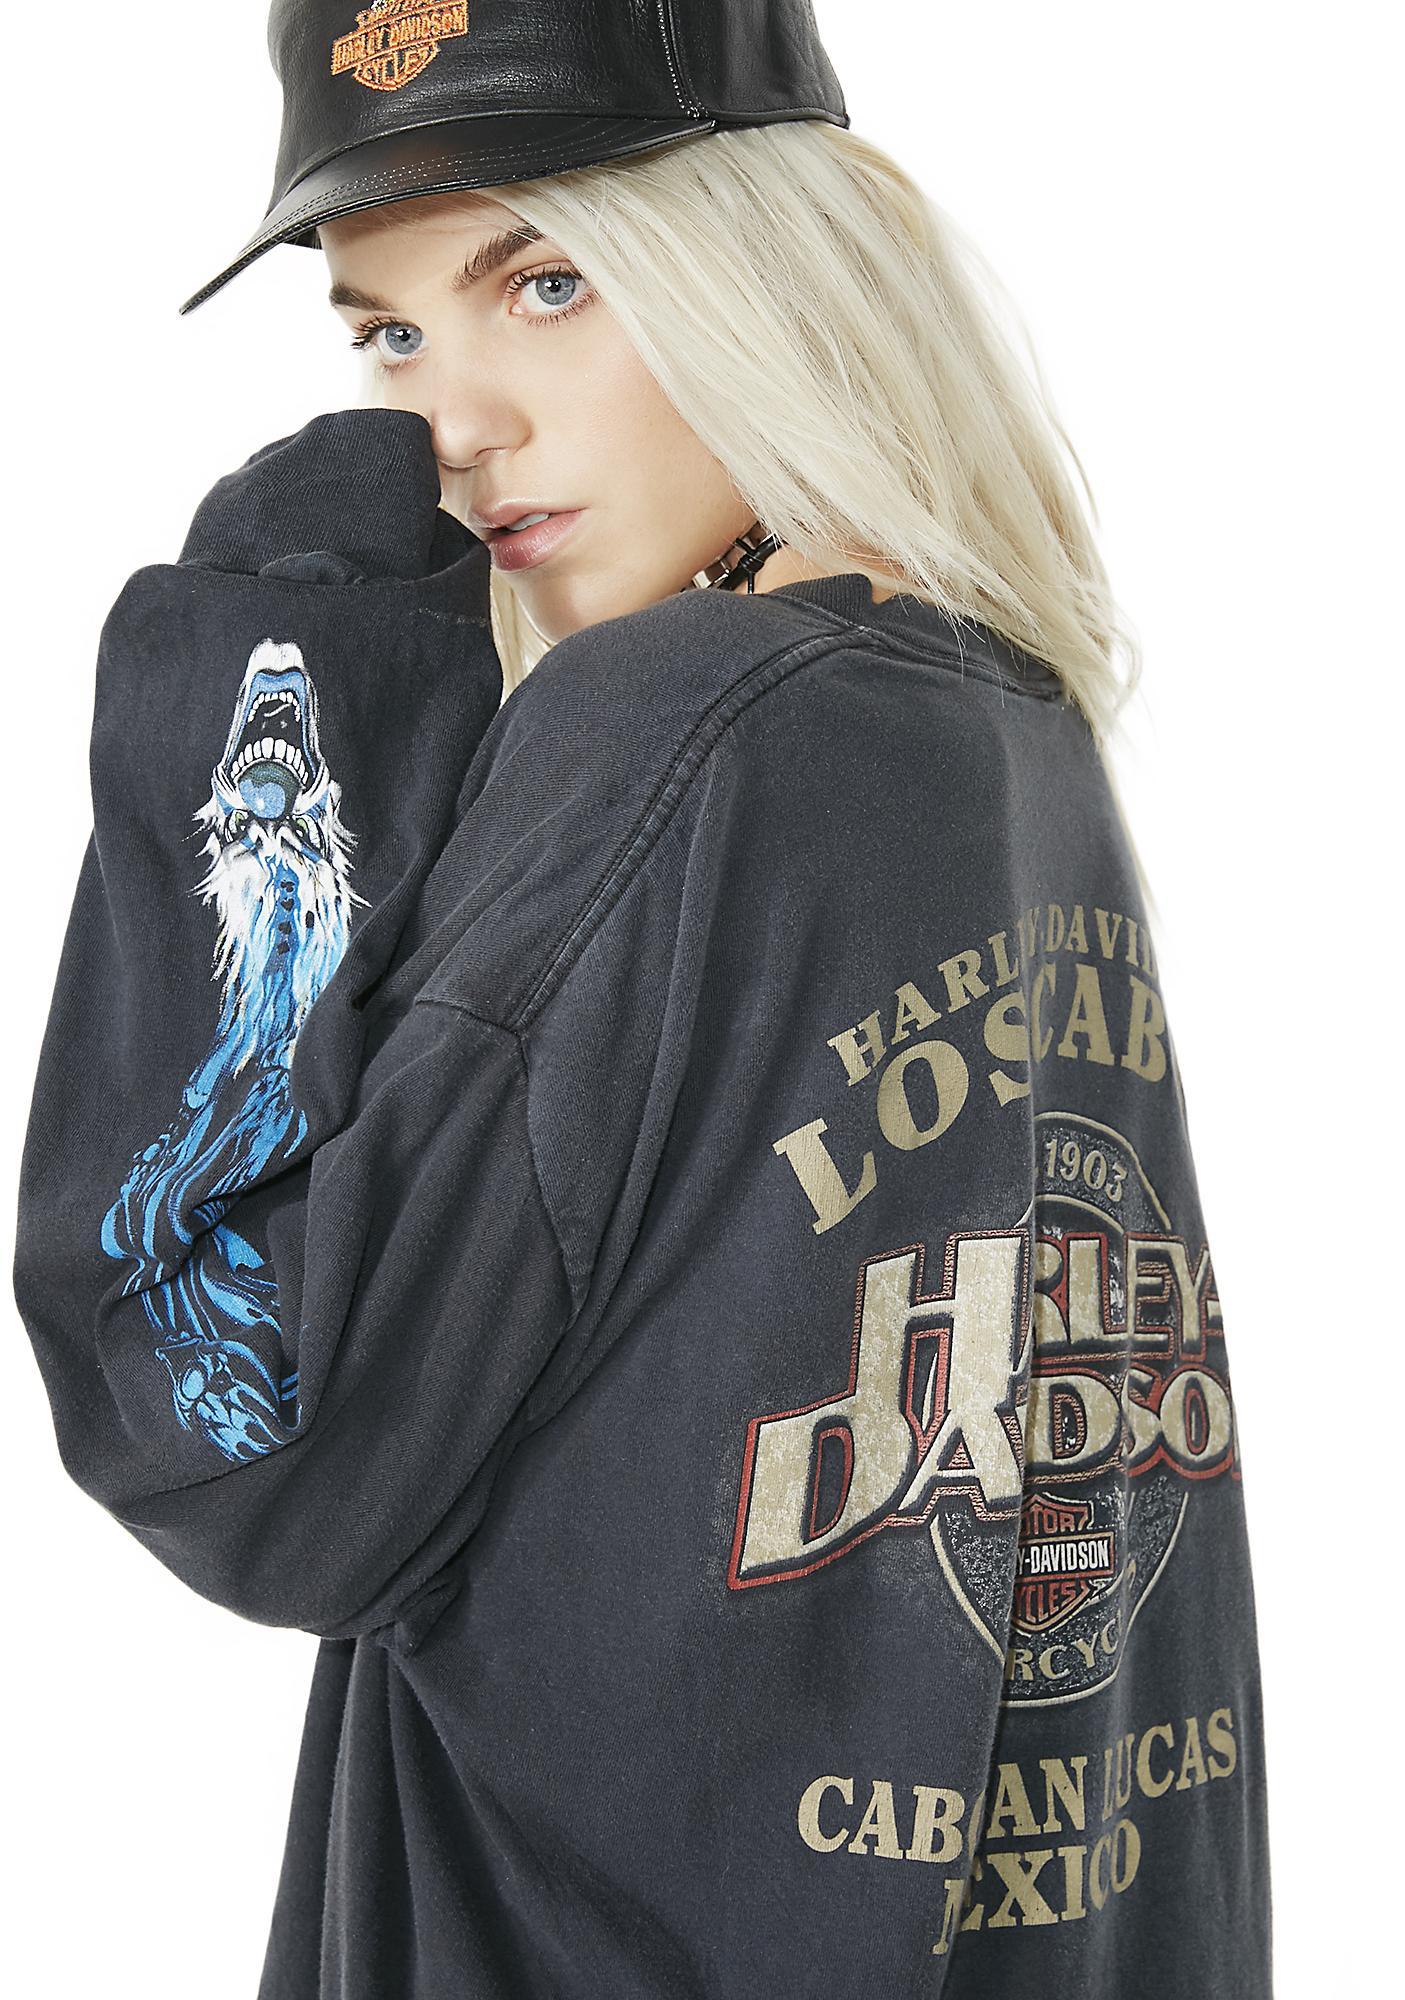 Vintage Harley Davidson Los Cabos Long Sleeve Tee